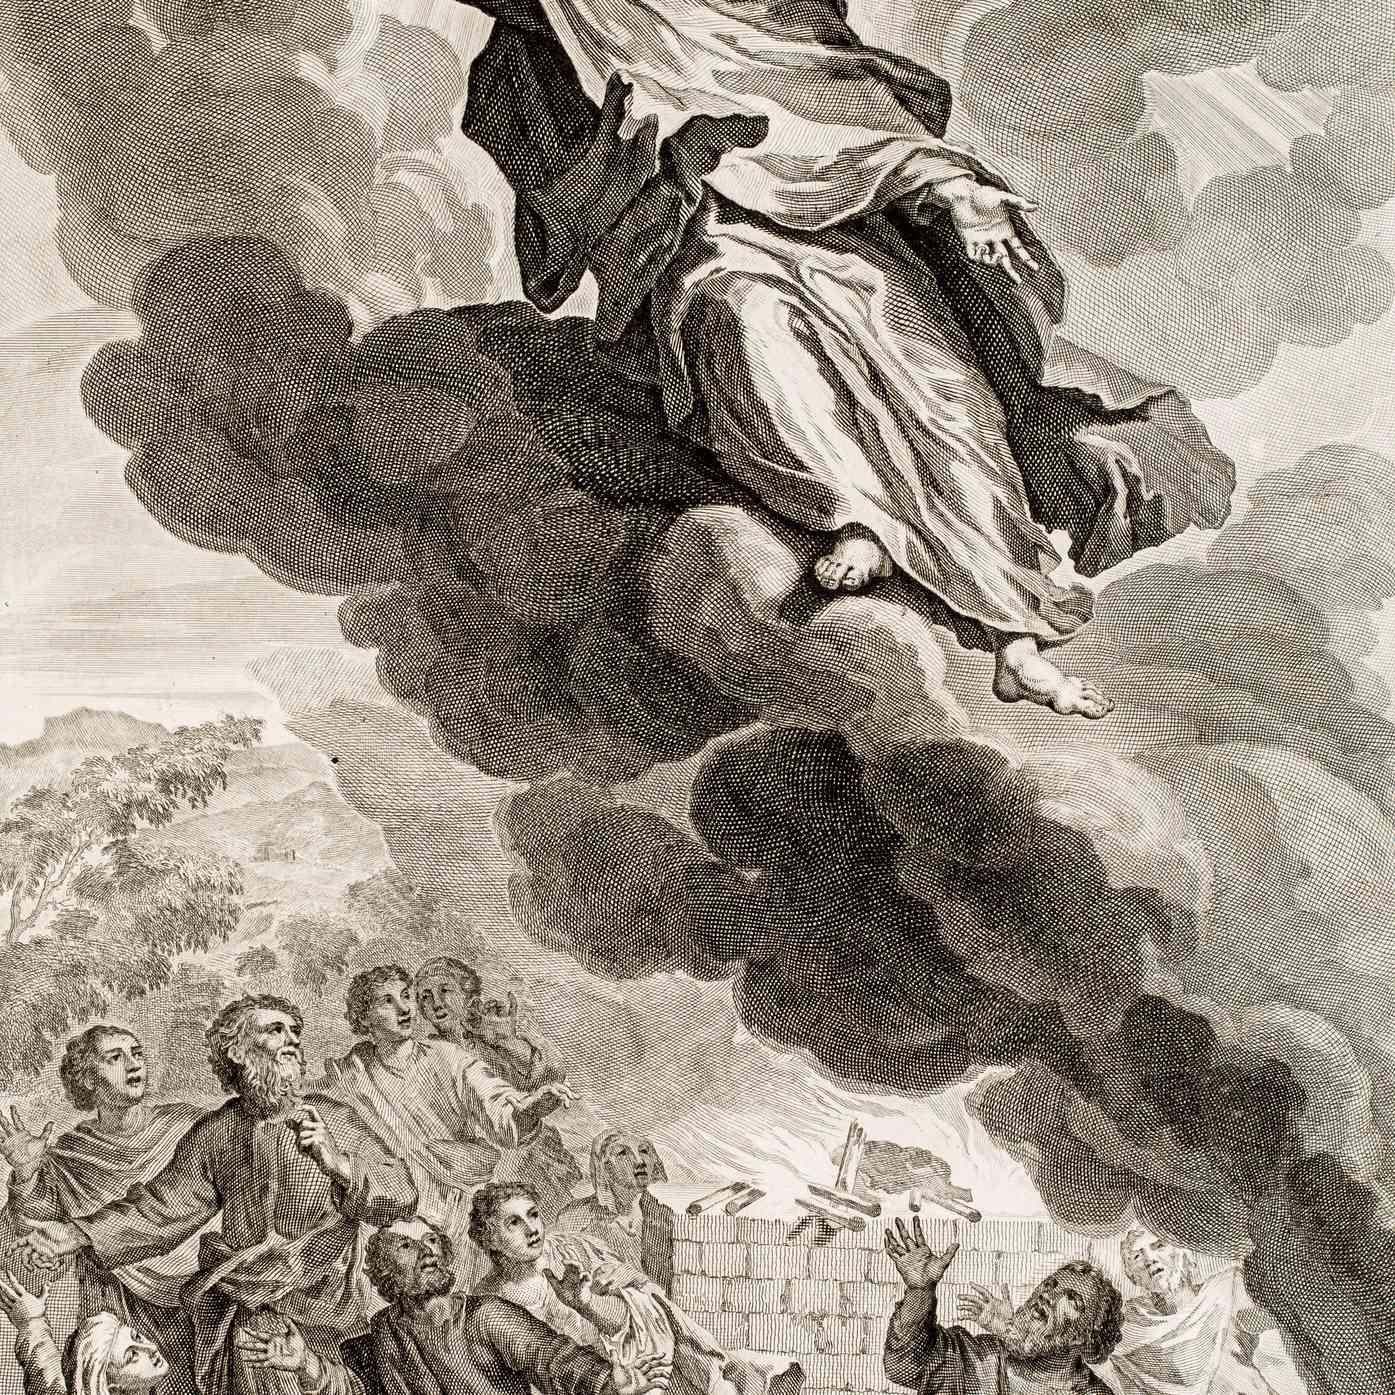 God took Enoch, Genesis 5